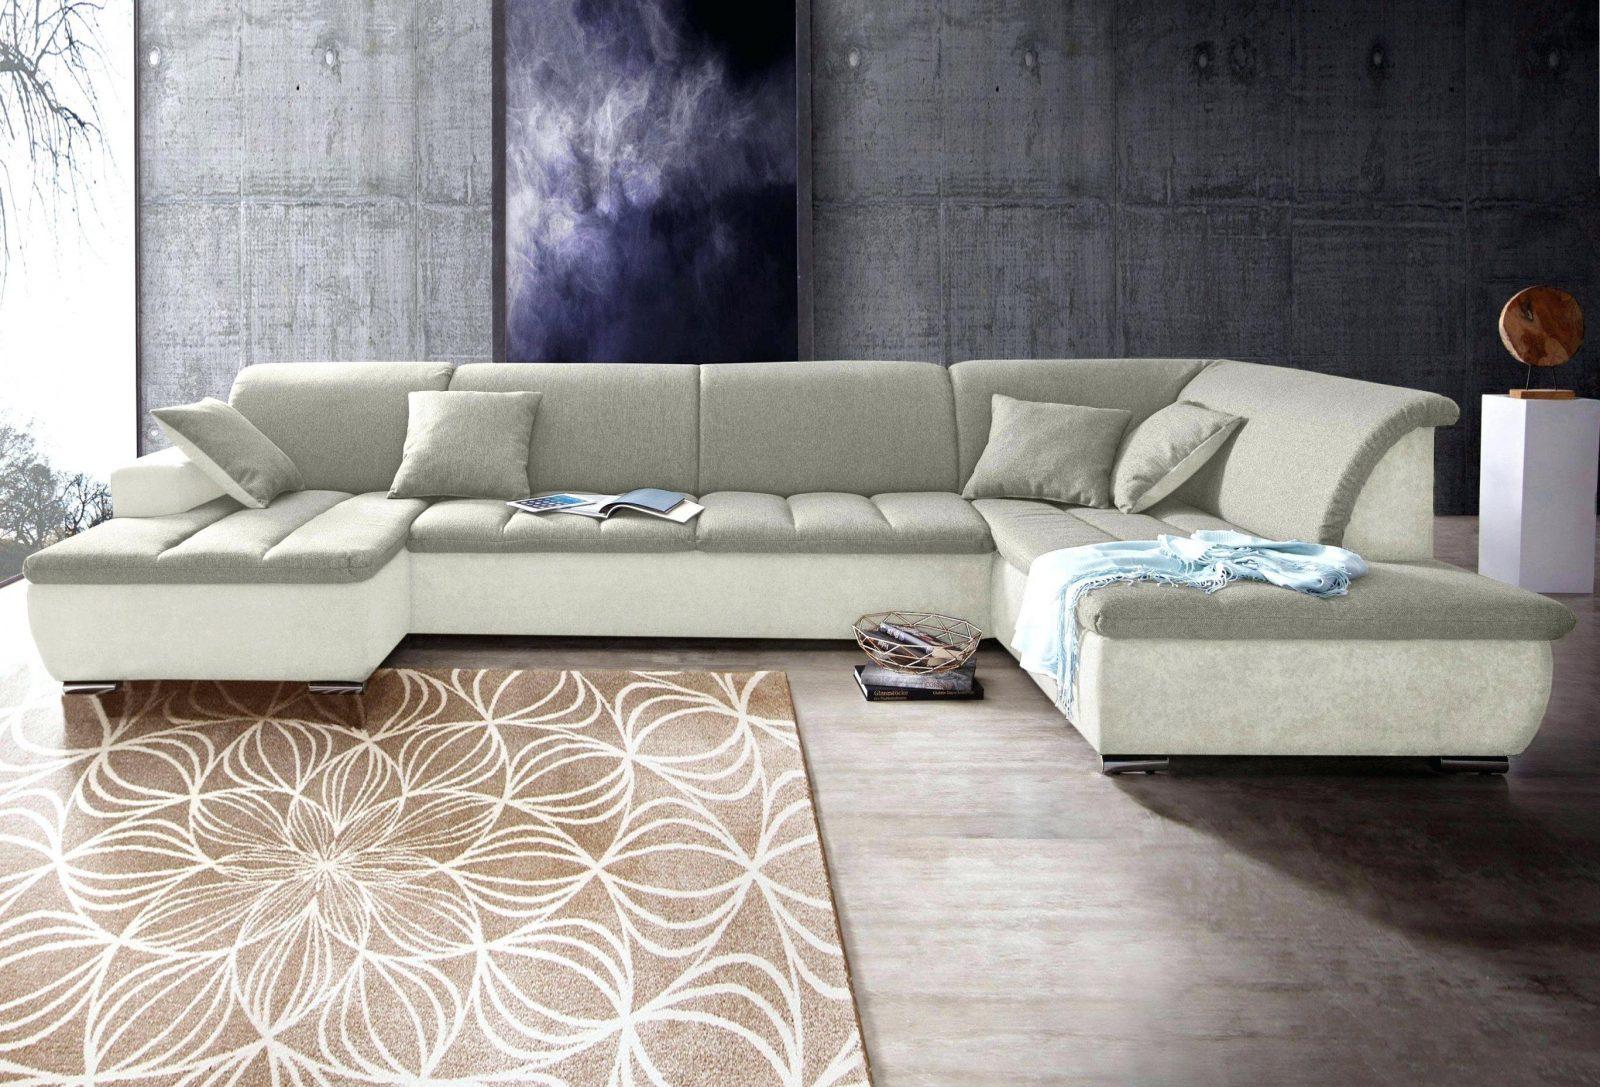 Otto Wohnlandschaft Mit Bettfunktion Haus Design Ideen